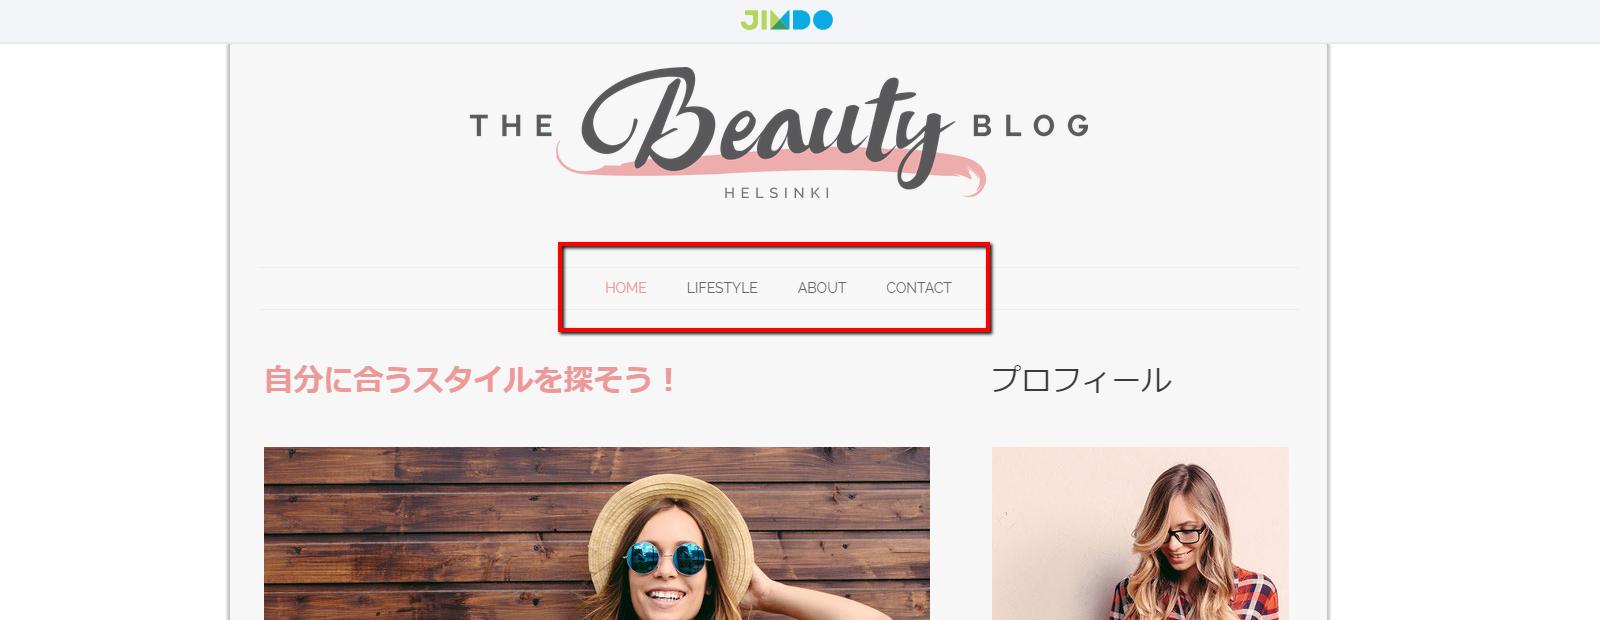 1. 初期設定でブログは無効になっています